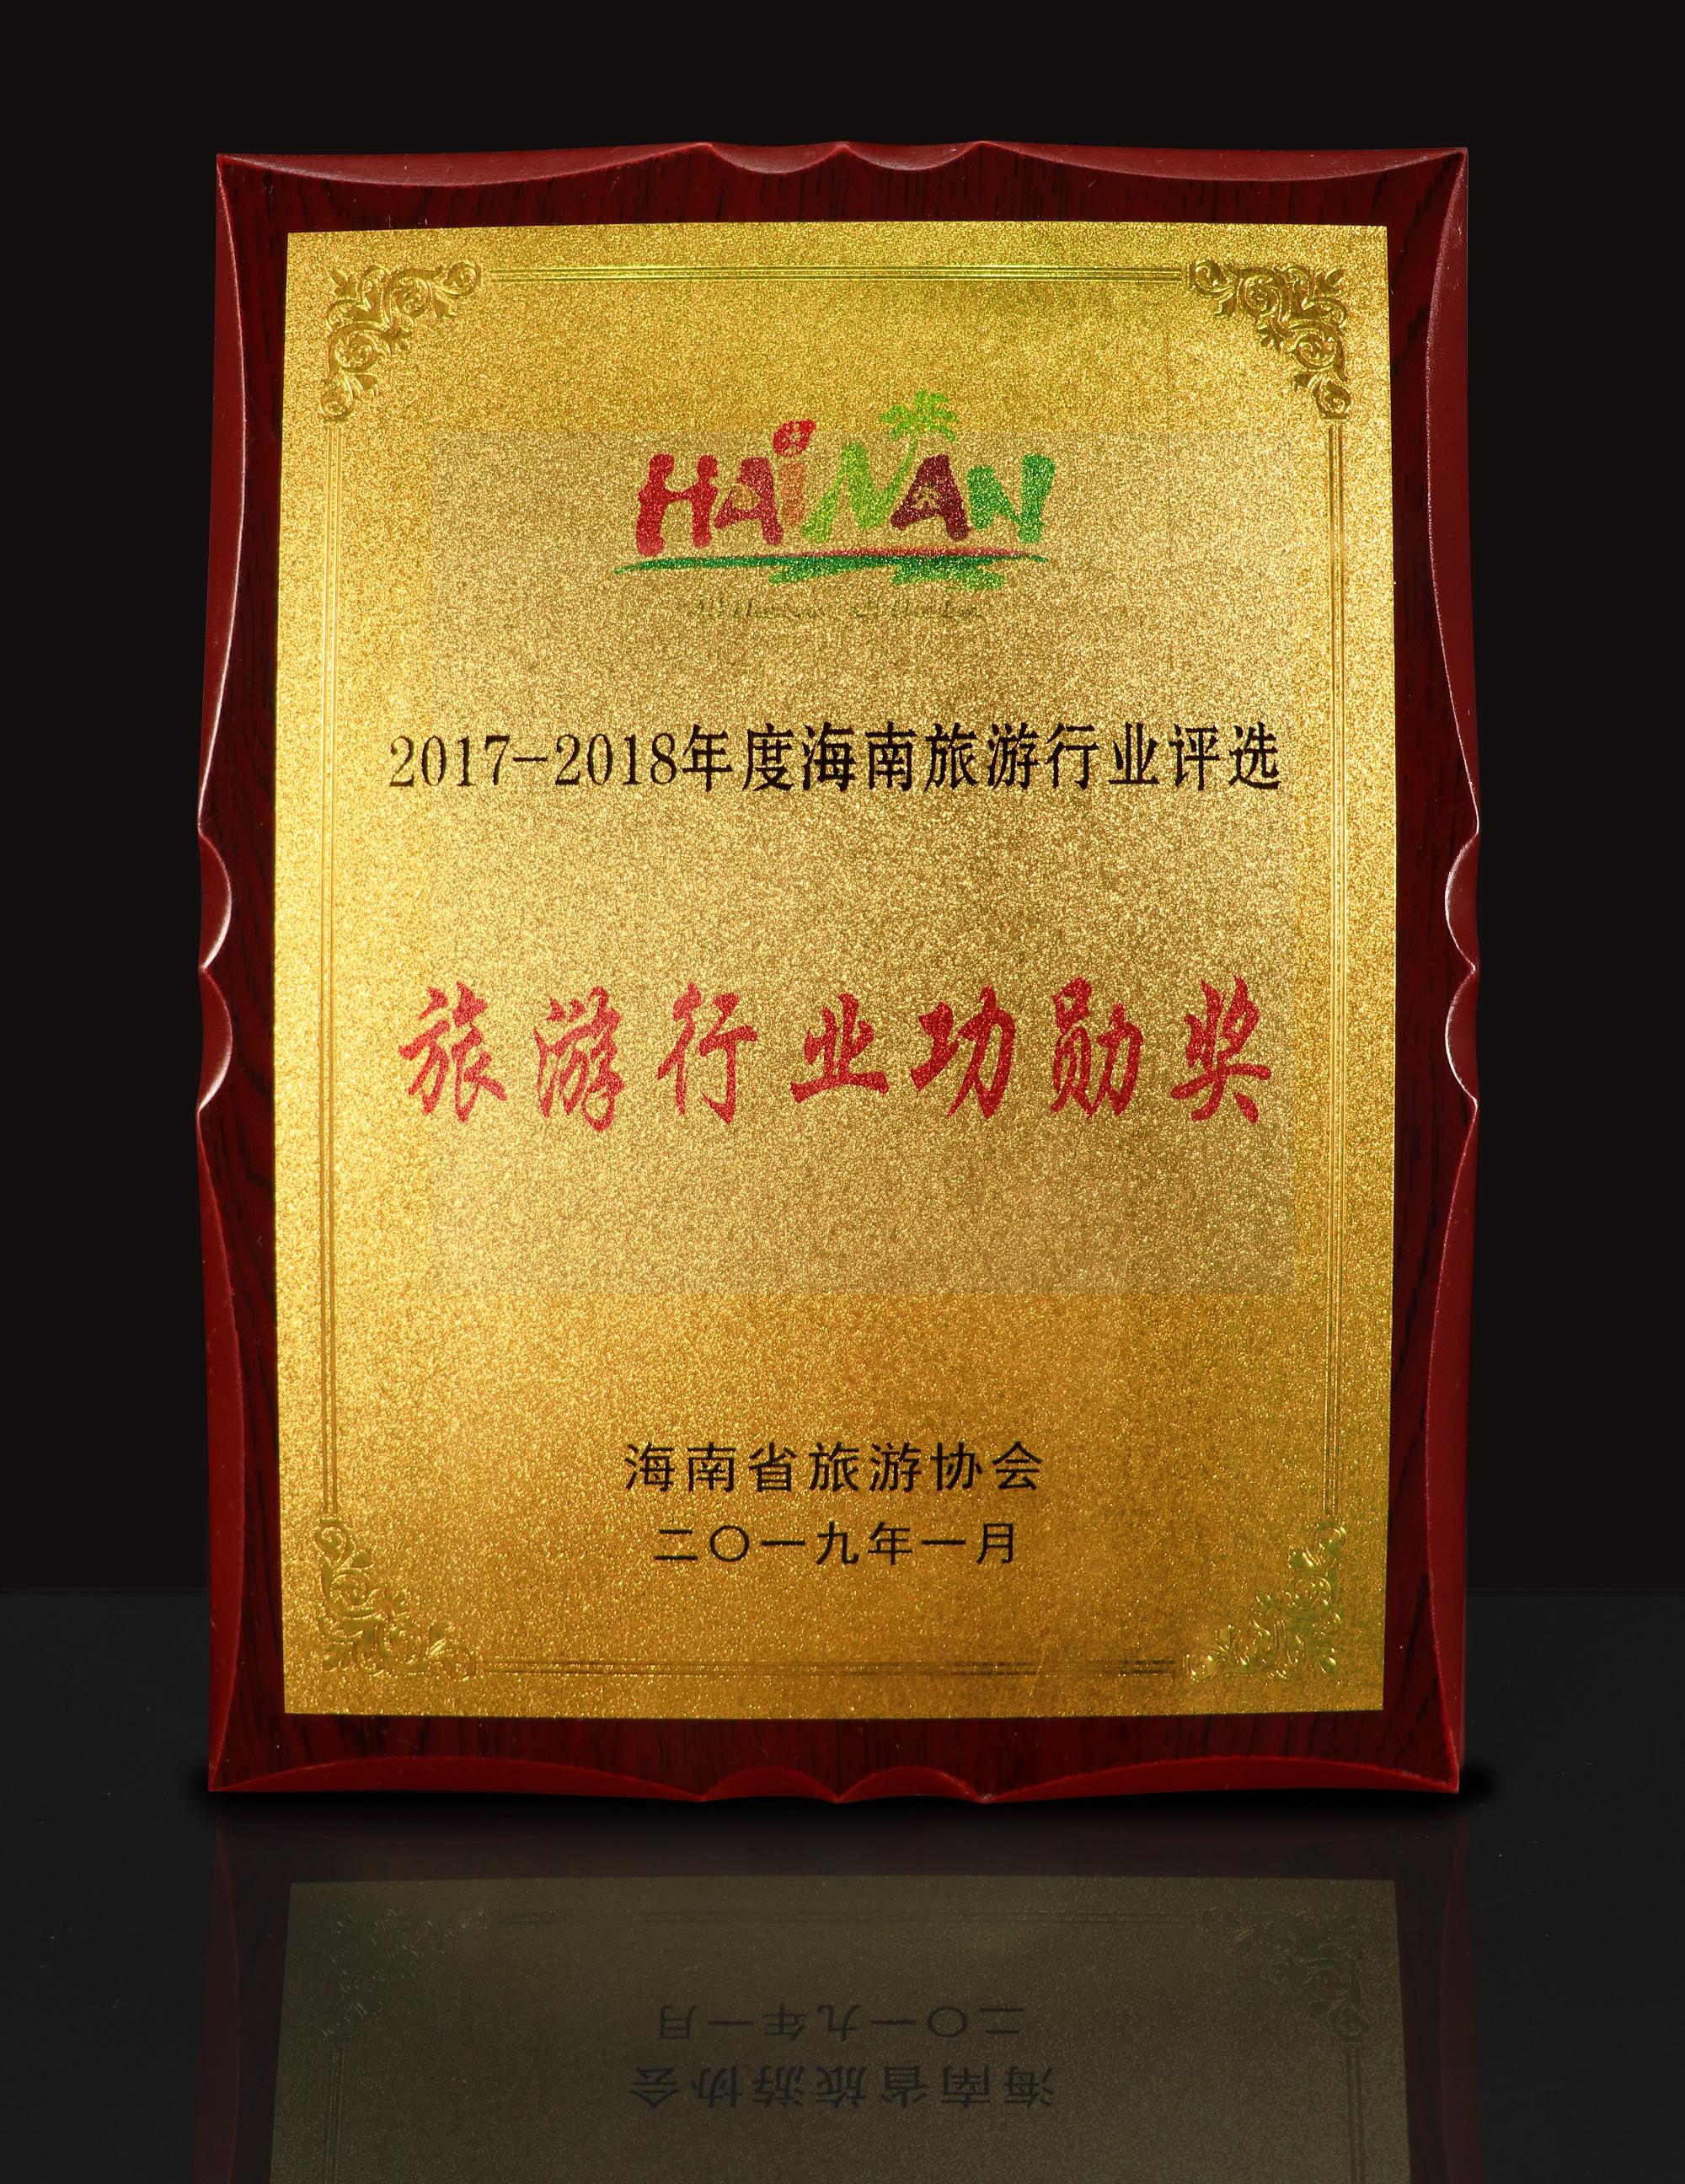 2017-2018年度旅游行业功勋奖